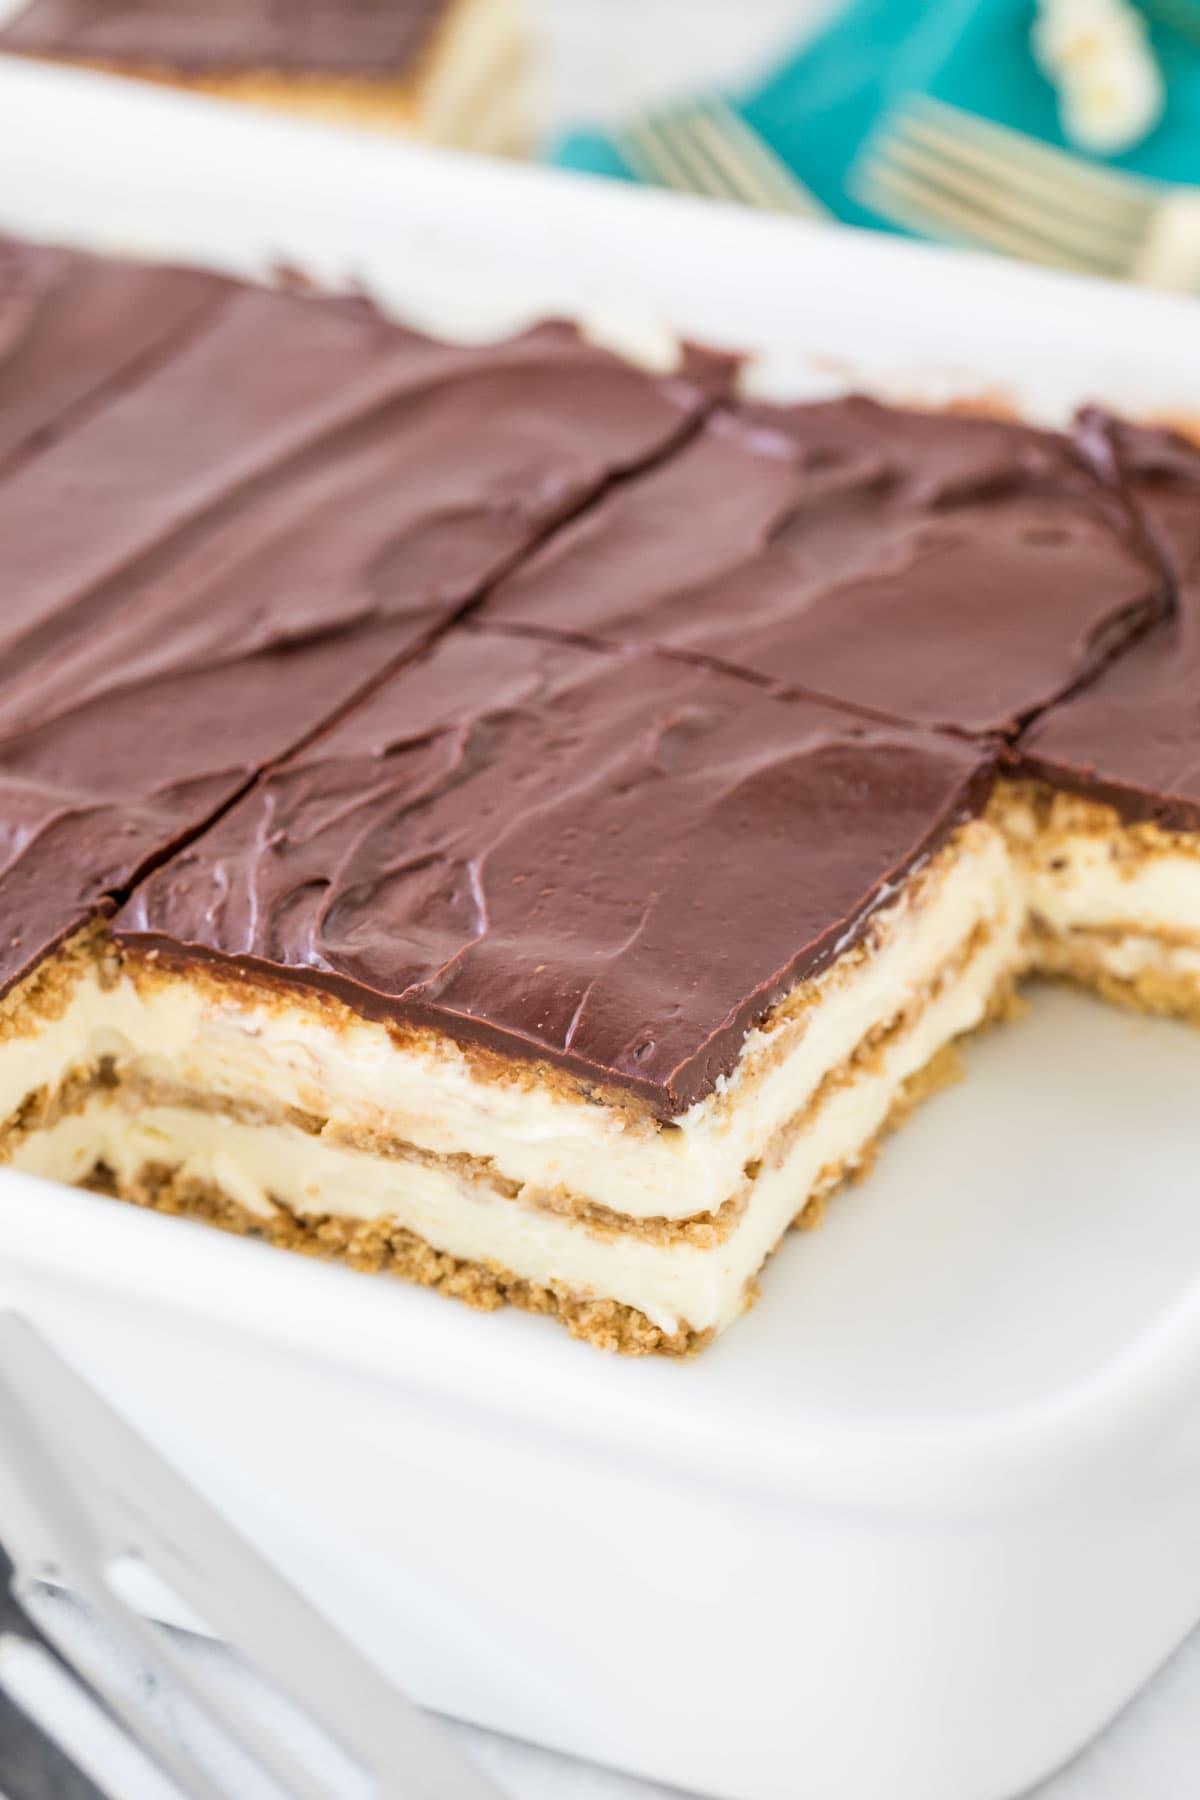 Sliced eclair cake in white rectangular baking dish